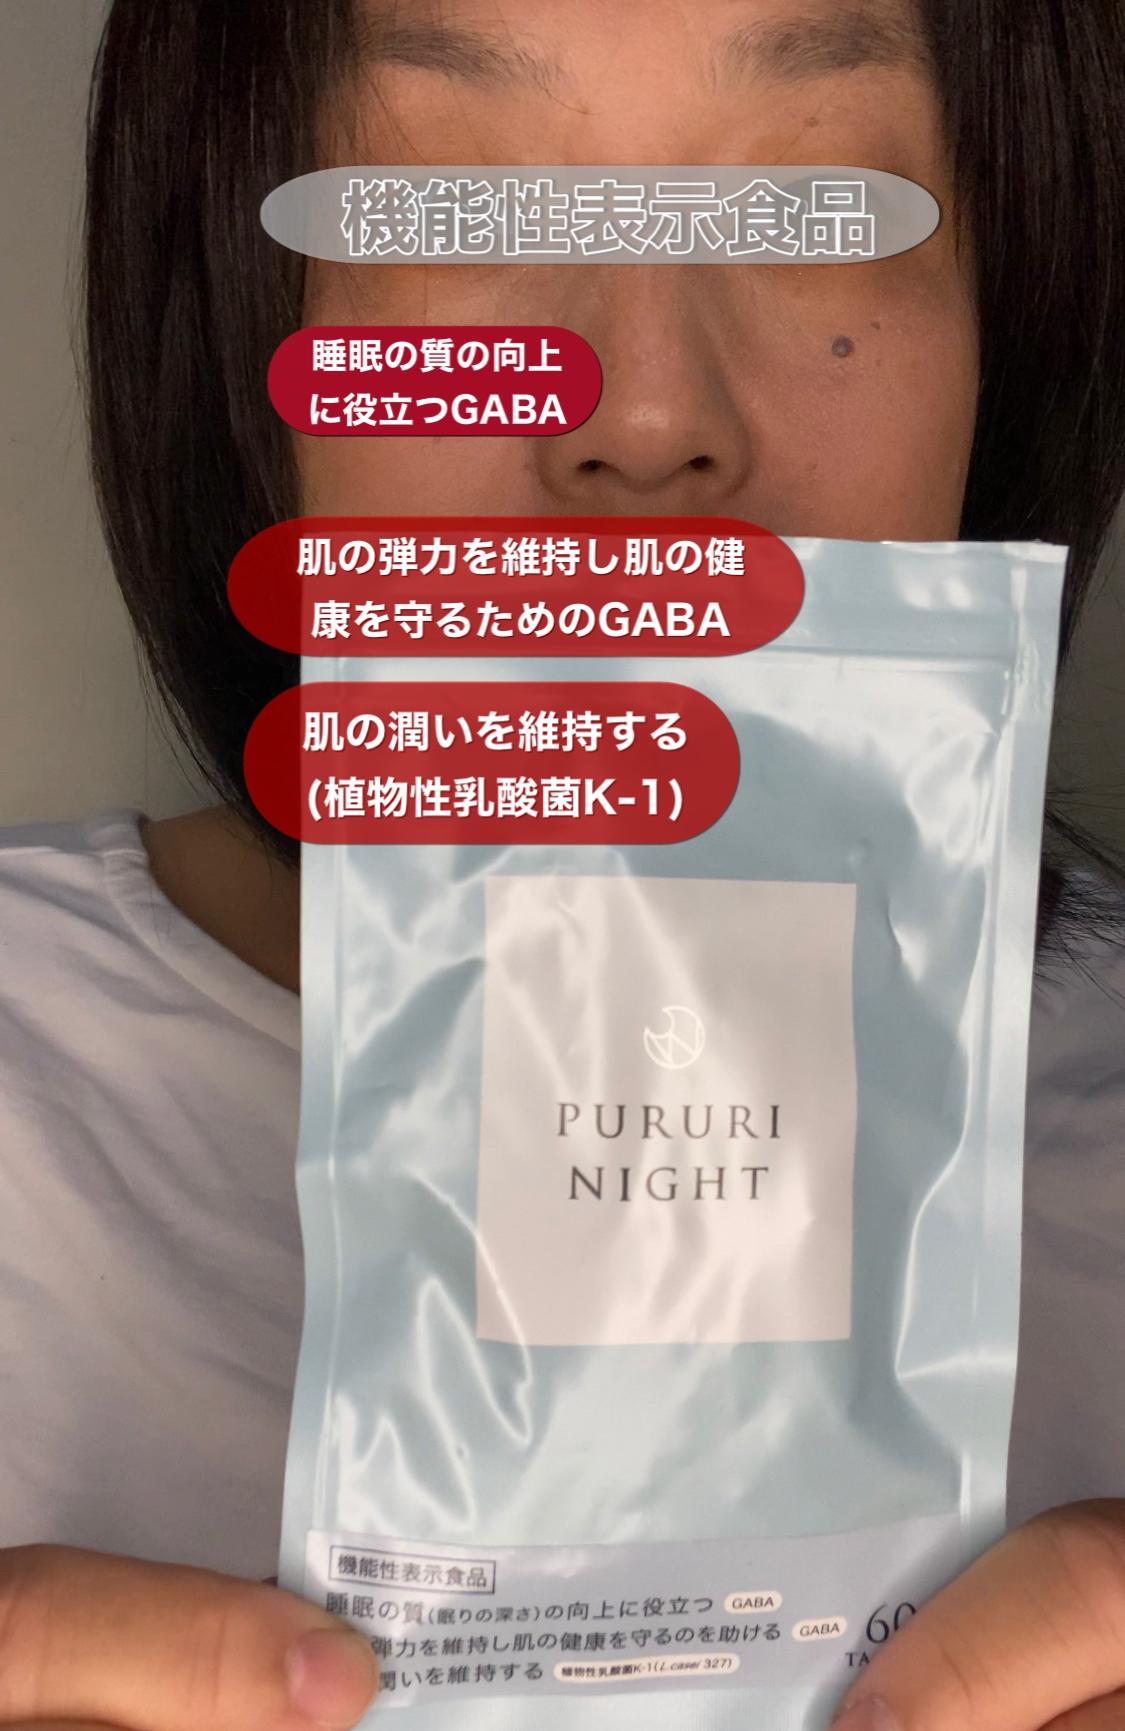 PURURI NIGHT(プルリナイト) プルリナイトの良い点・メリットに関するマイピコブーさんの口コミ画像1